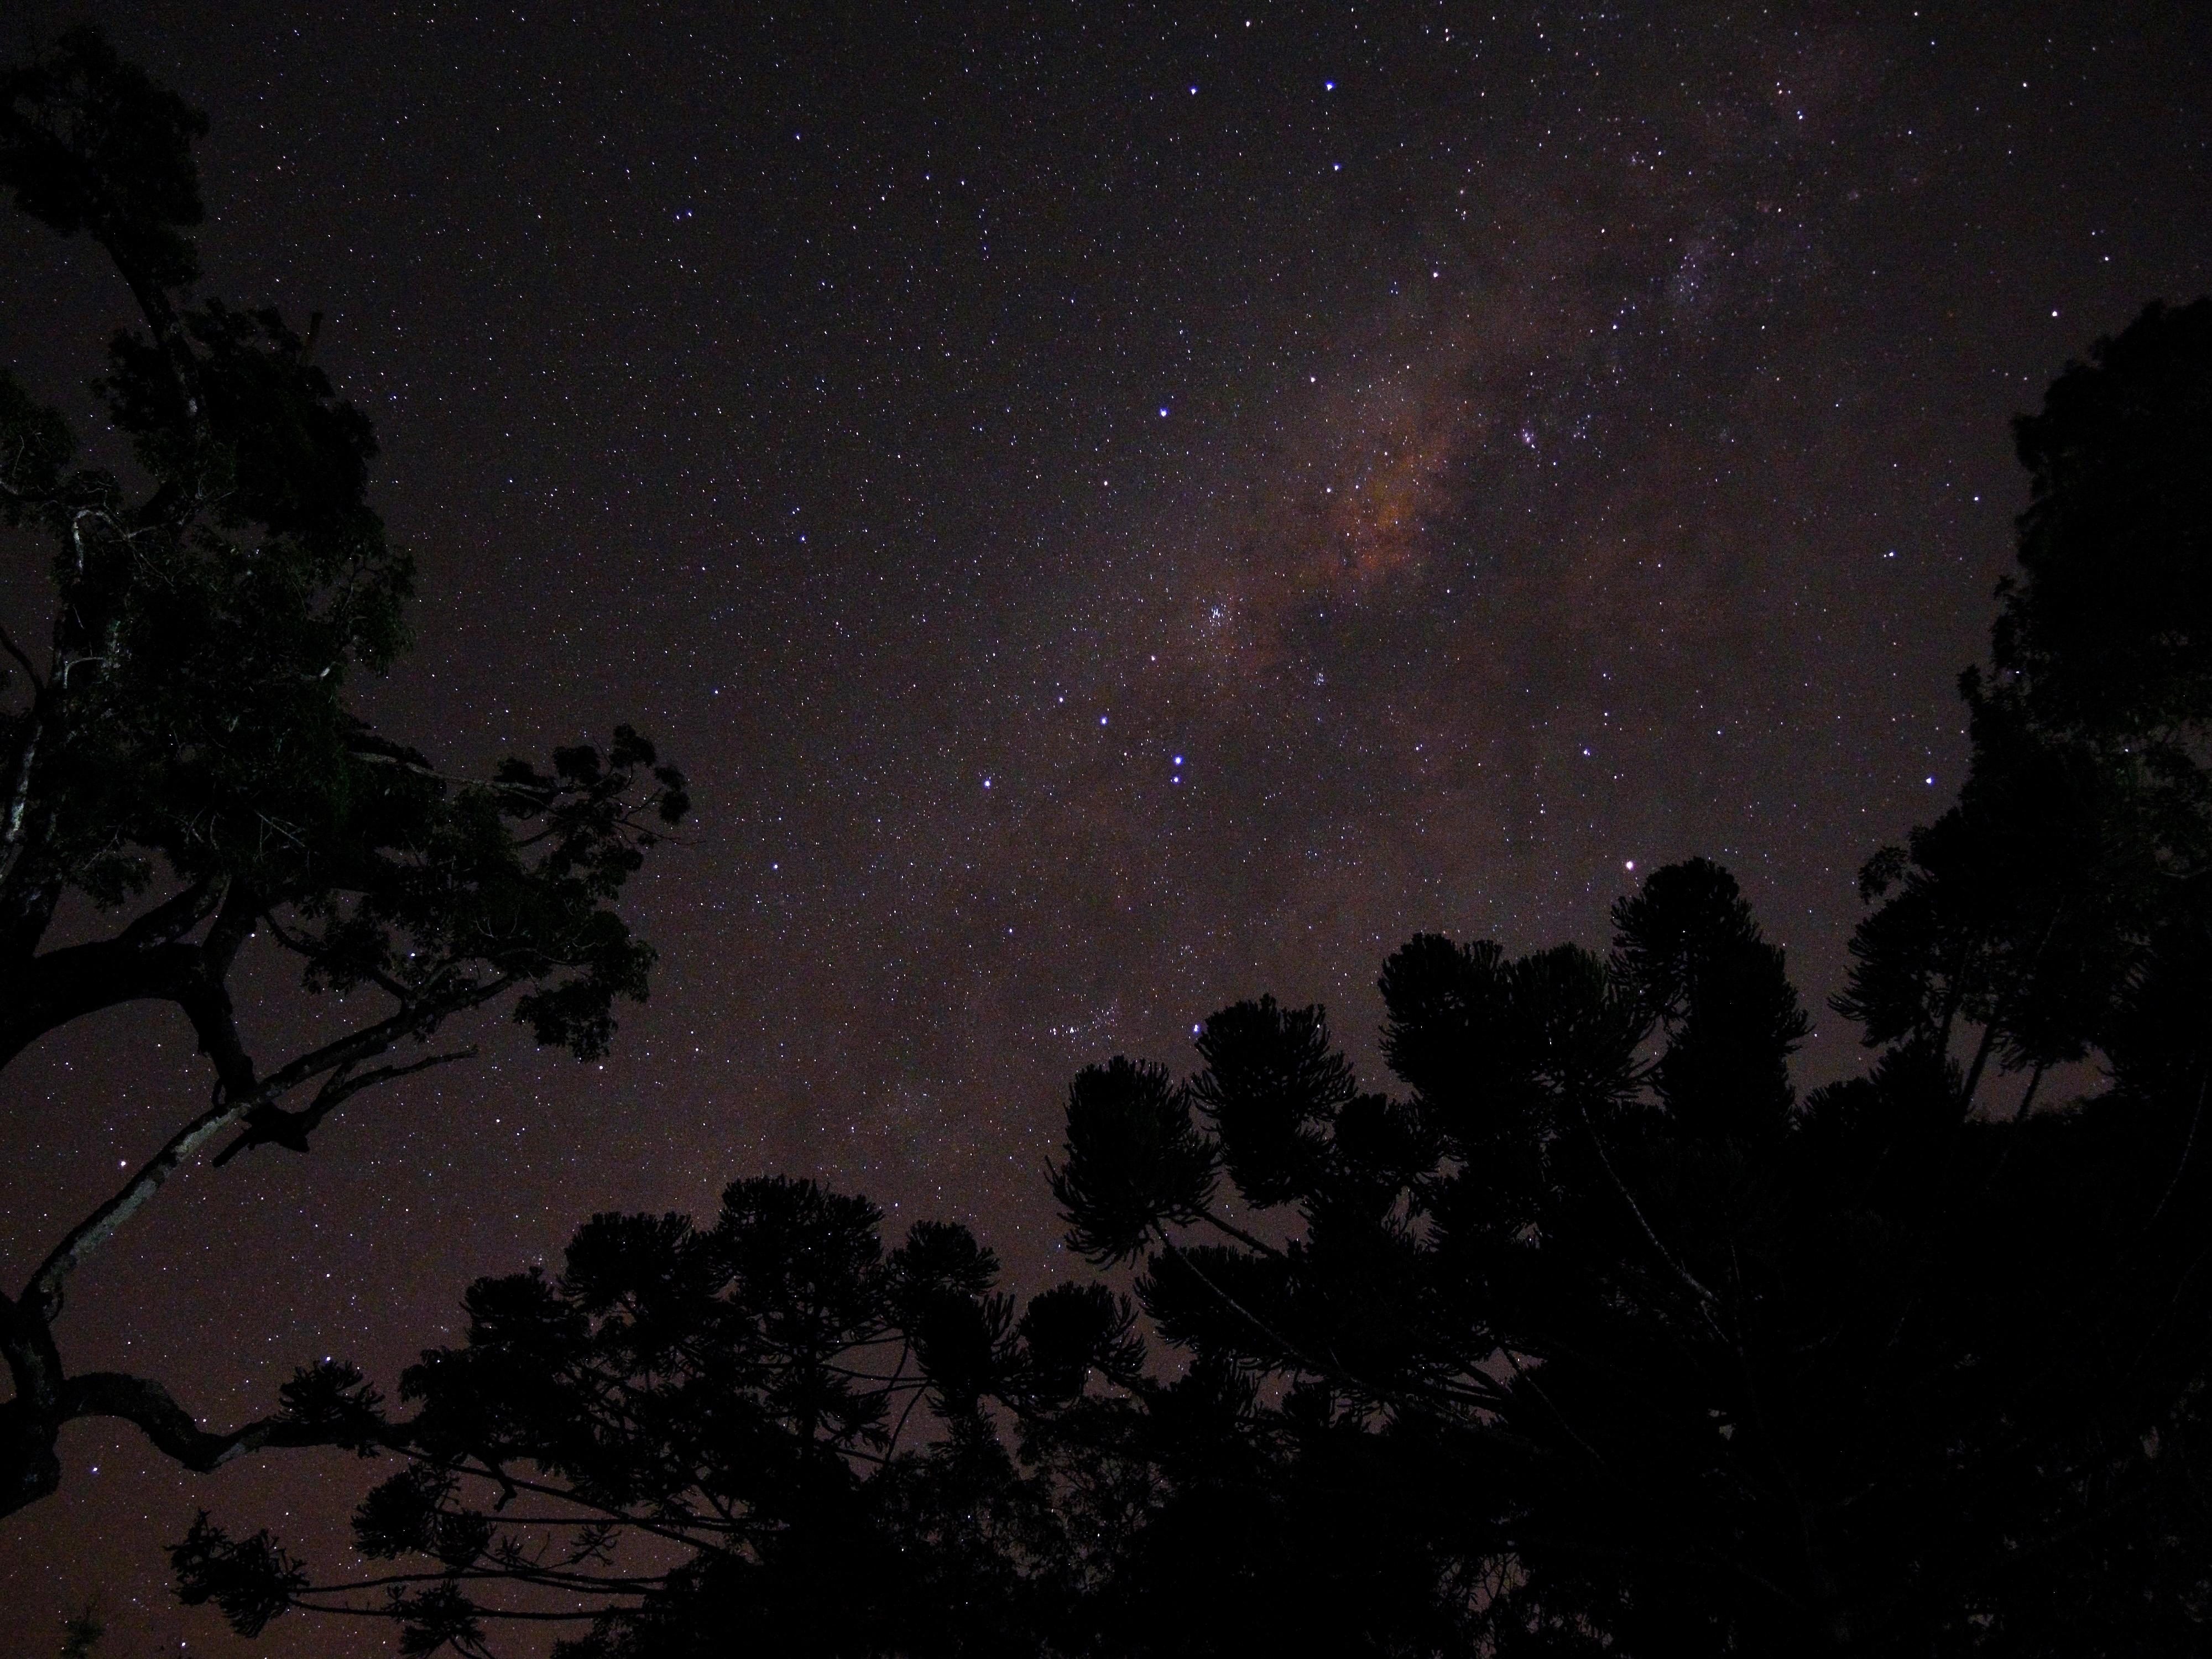 Céu estrelado no Parque Natural do Caraça, em Minas Gerais